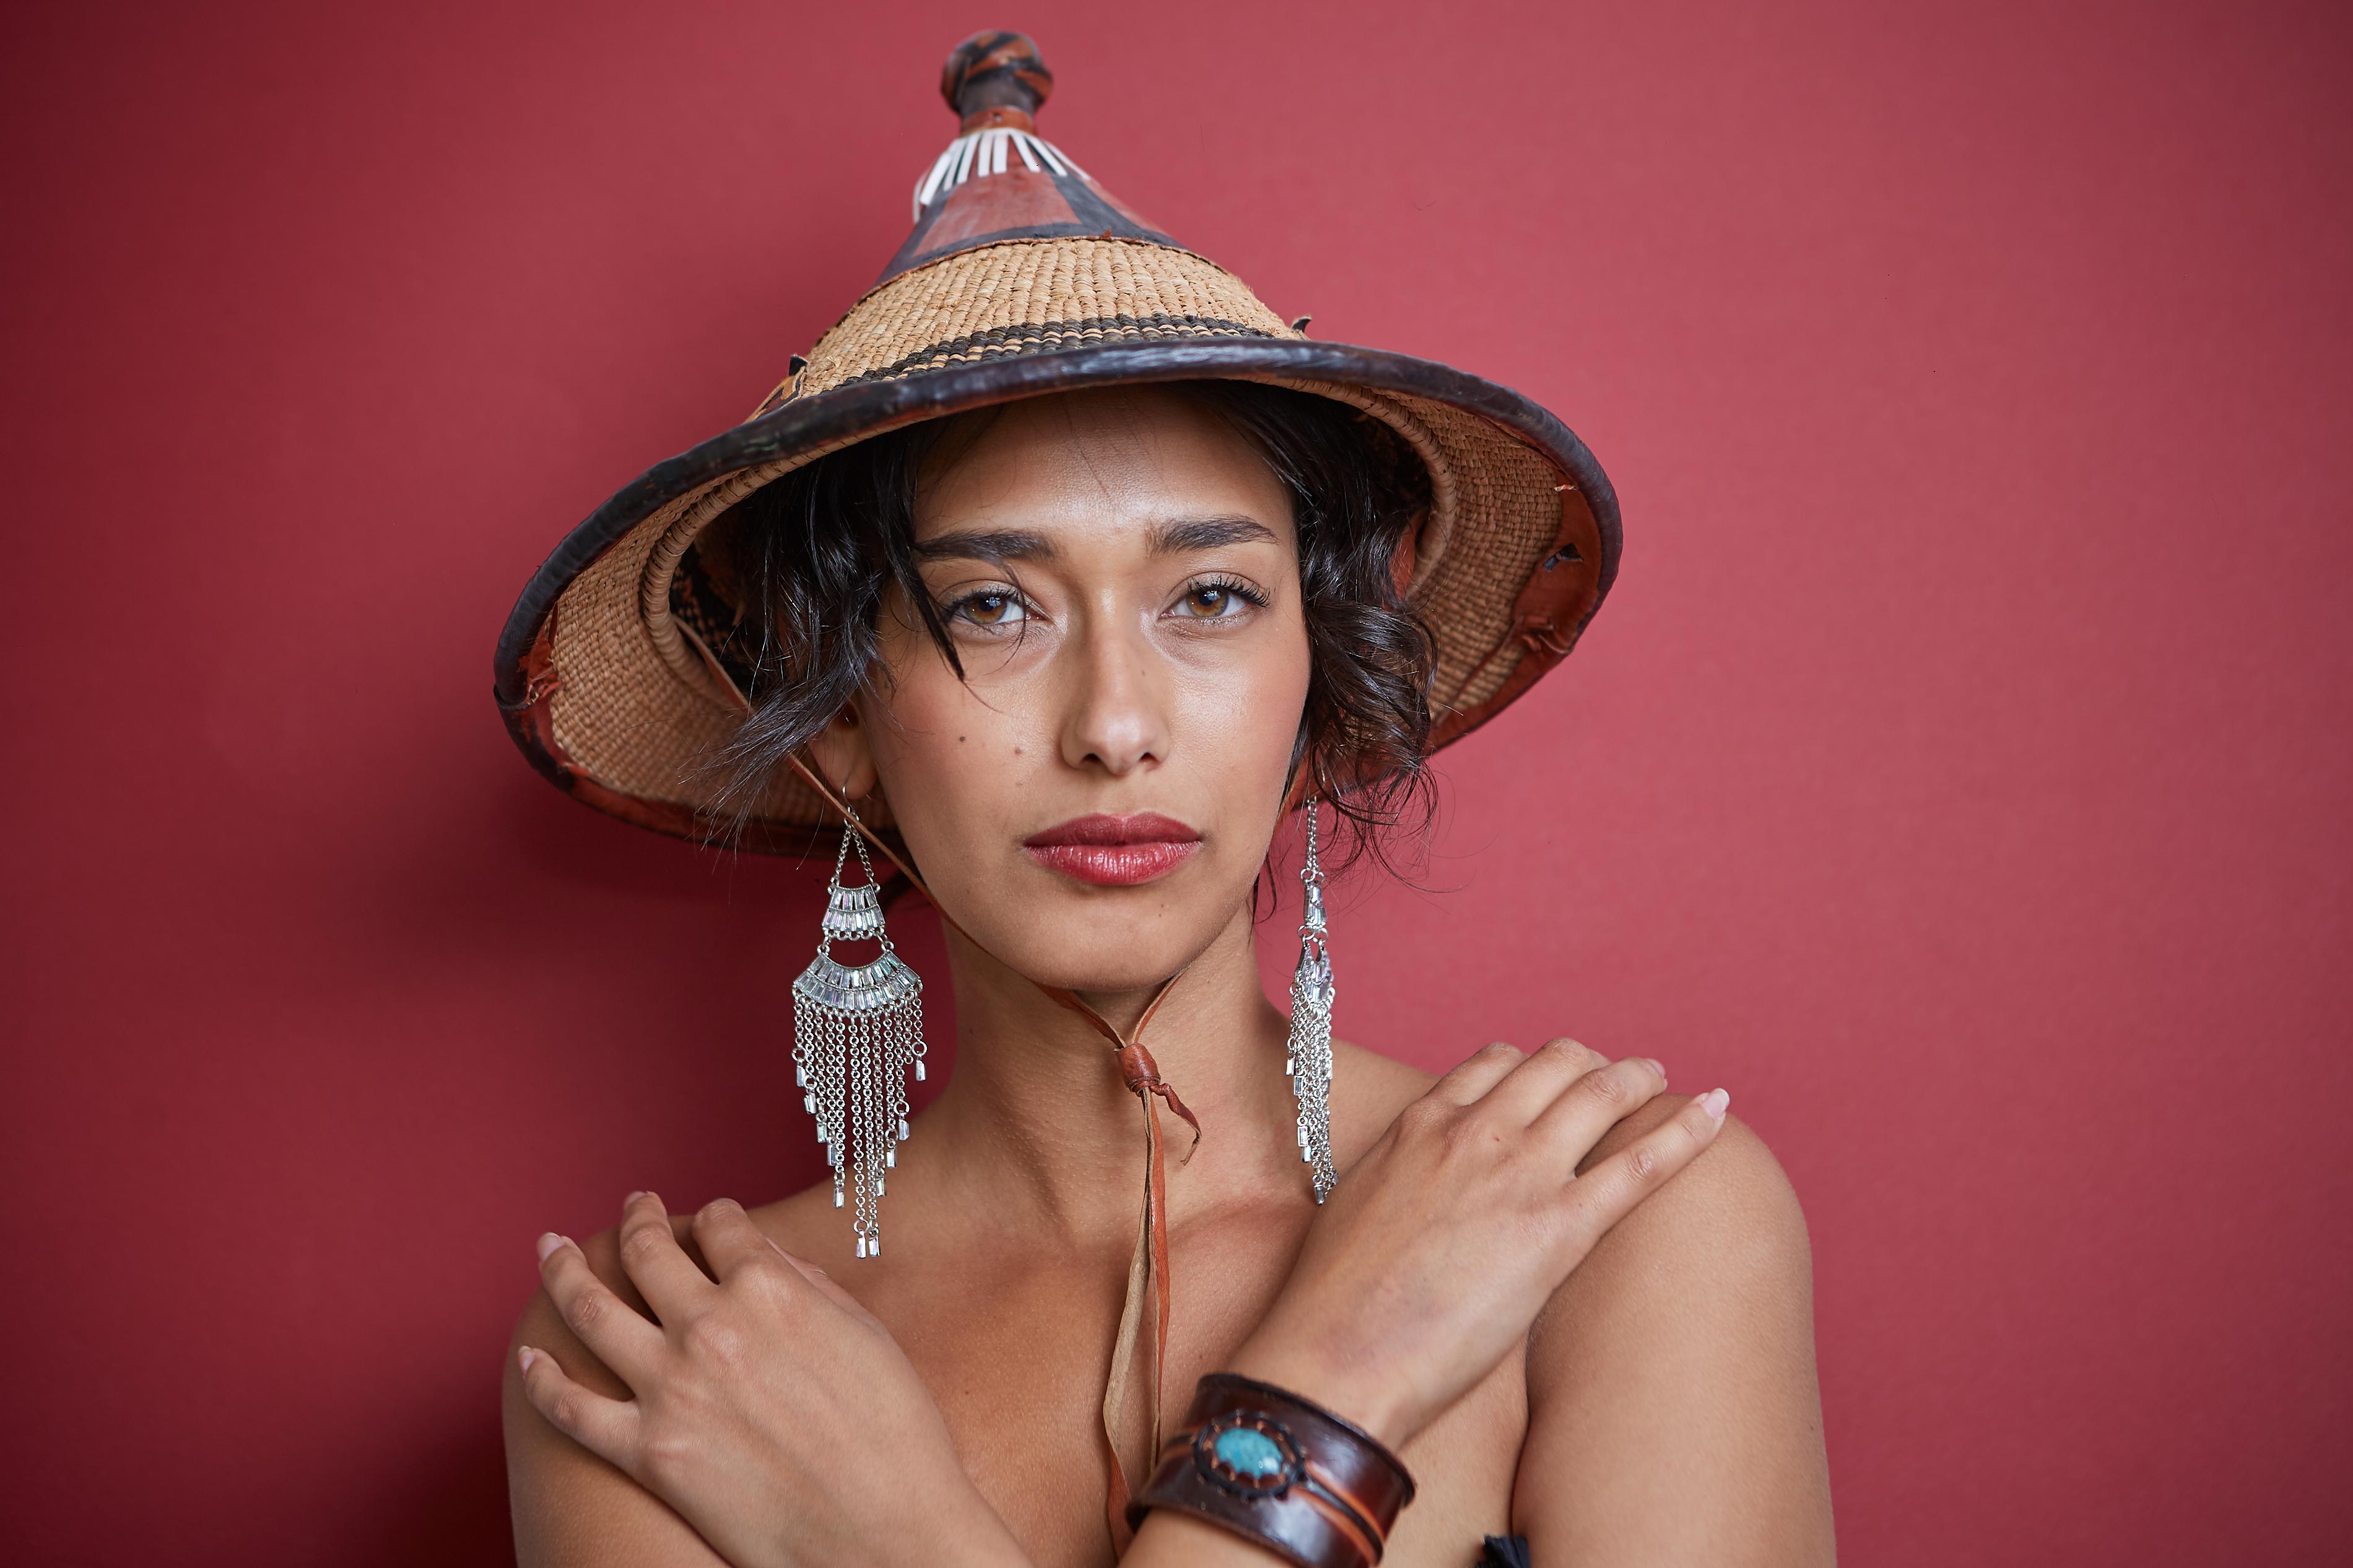 nancy-rahman-model-fotograf-jeffery-berlin-green